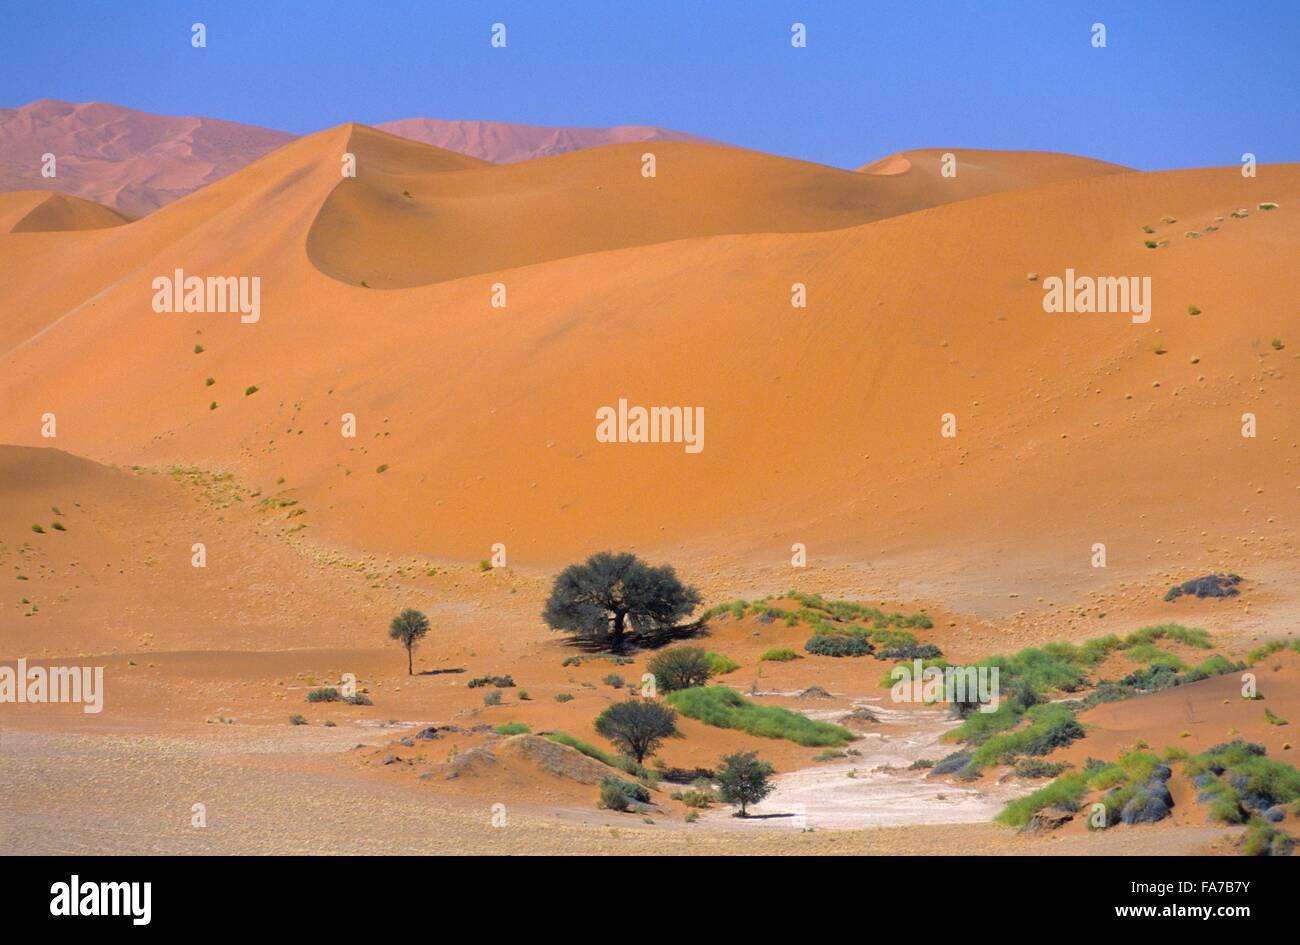 Namibia, Namib-Naukluft National park, Sossusvlei // Namibie, Namib-Naukluft National park, Sossusvlei Stock Photo